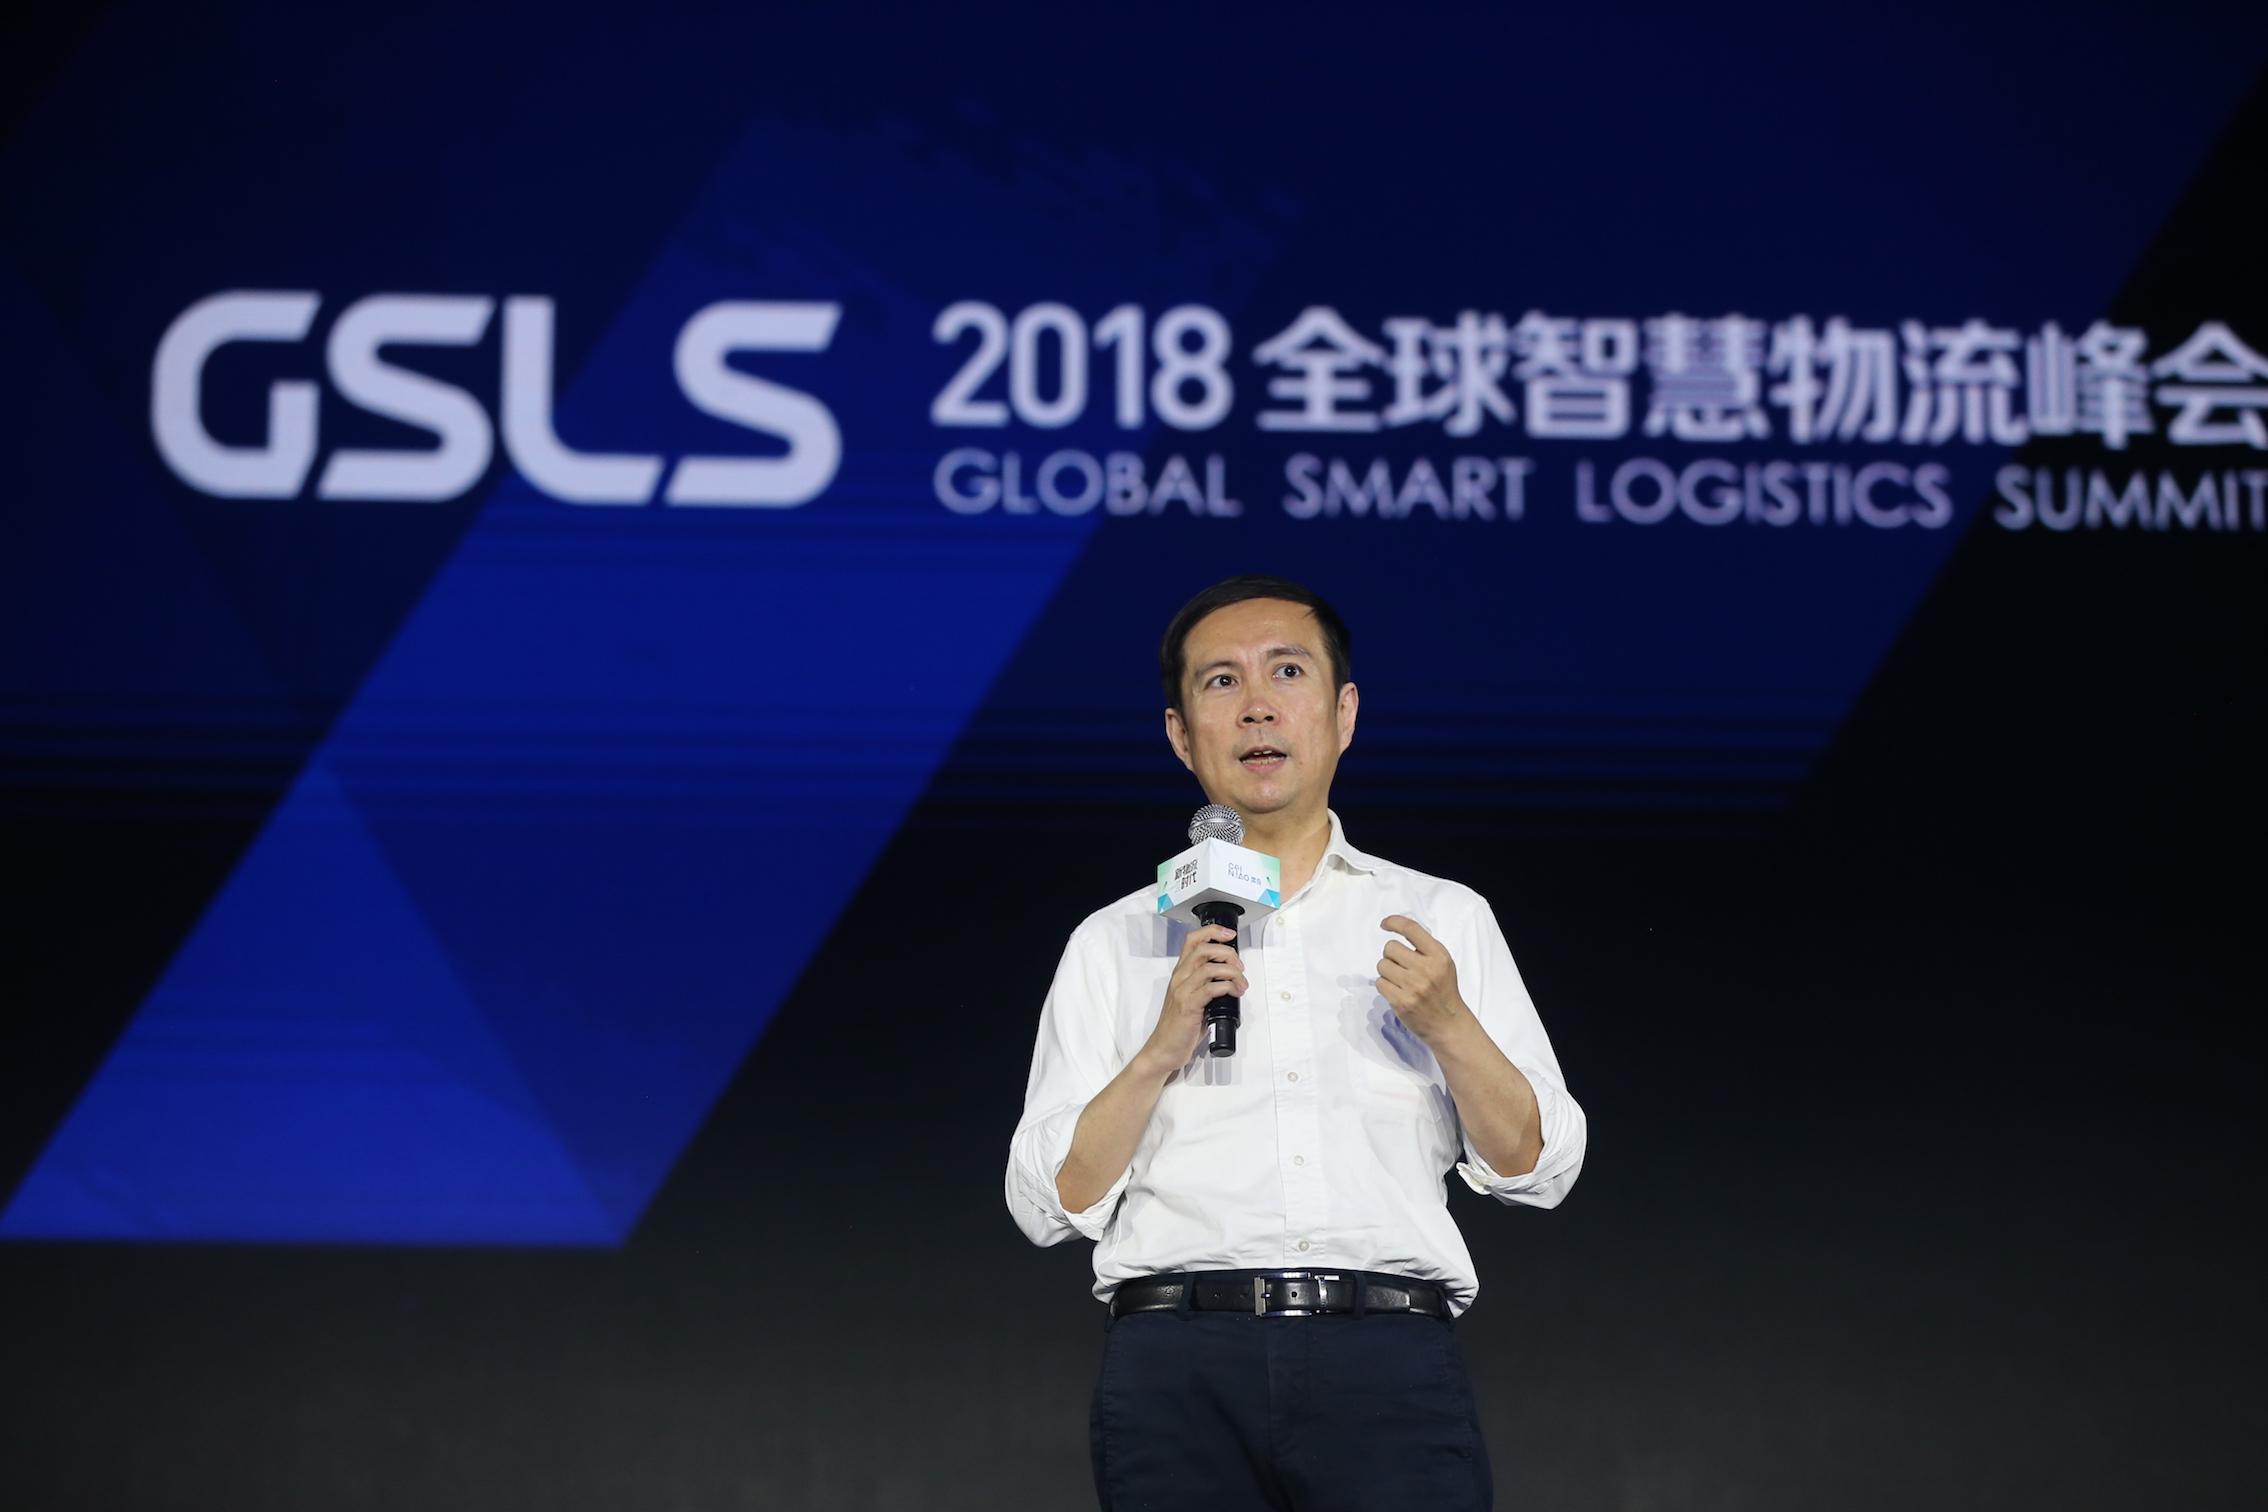 阿里CEO张勇:未来每天10亿订单不能靠包裹乱串